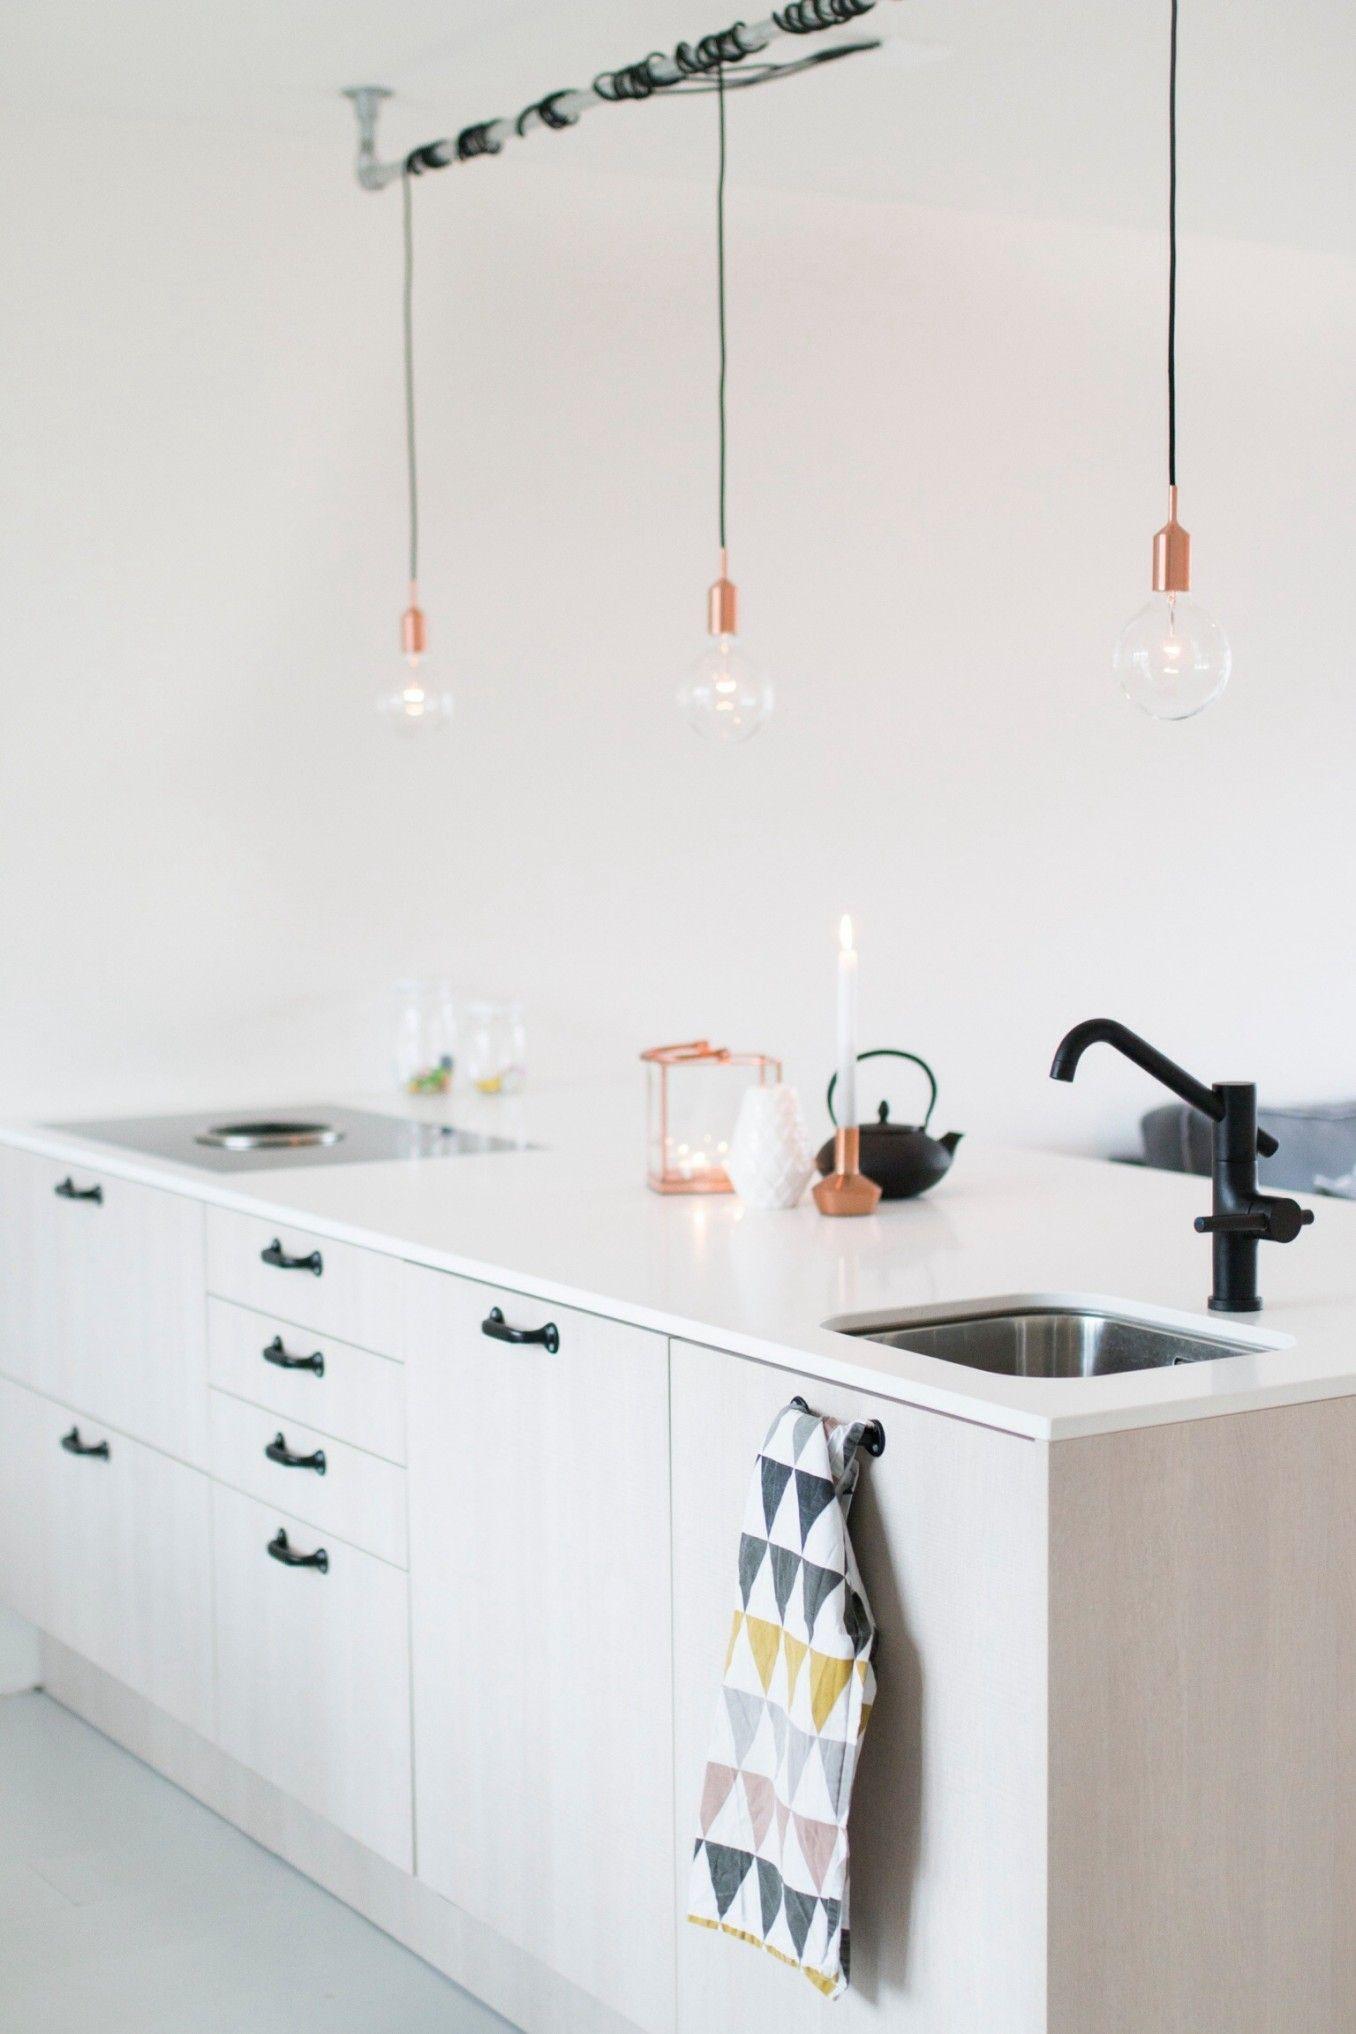 Die lampen | INSPIRATION: Lampen | Pinterest | Die lampe, Lampen und ...